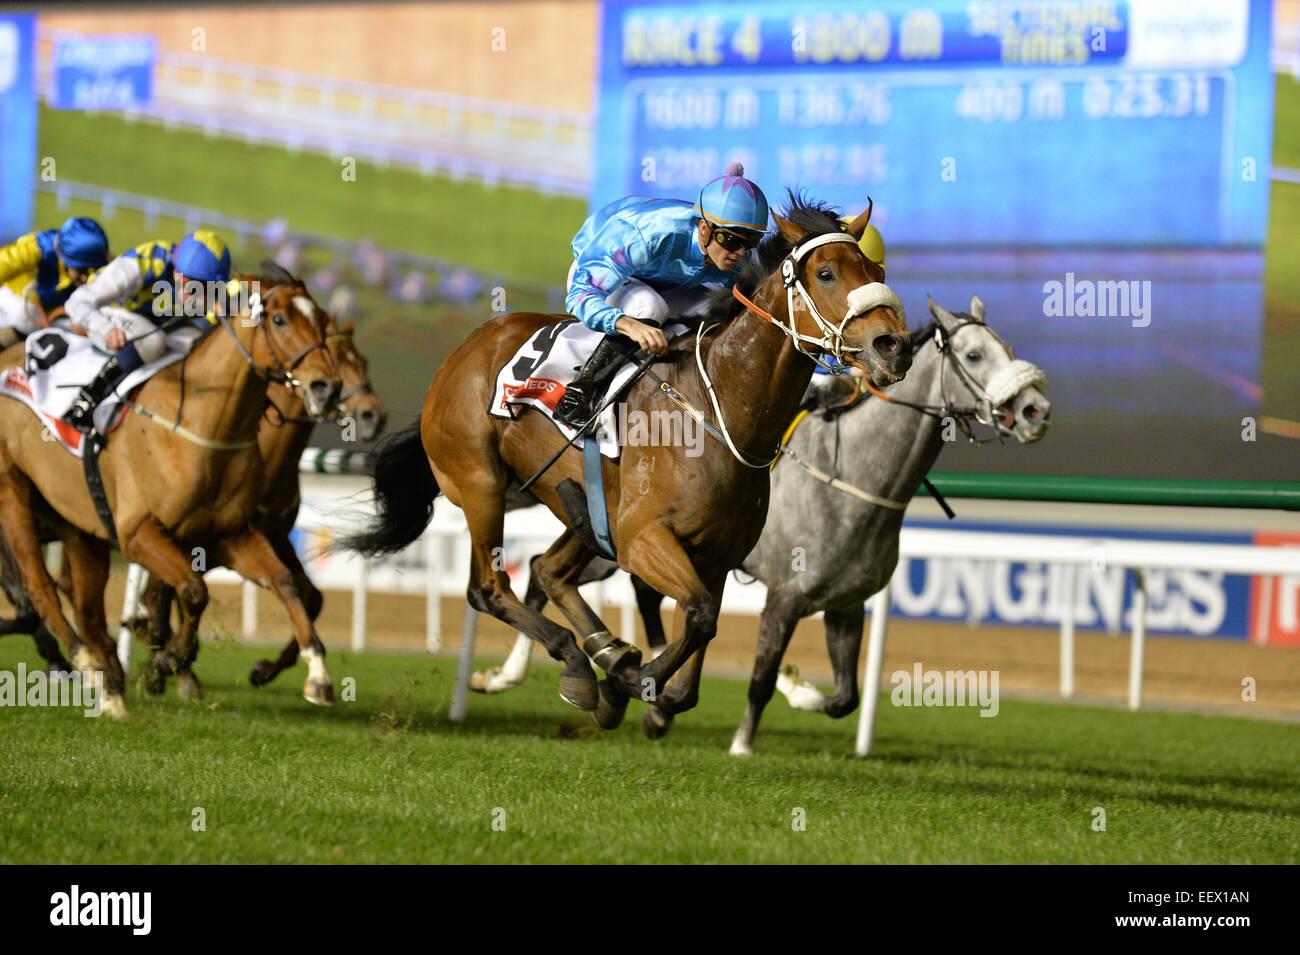 Dubai, Emiratos Árabes Unidos. El 22 de enero de 2015. Montado por Christophe Soumillon UMGIYO gana el Gulf Imagen De Stock